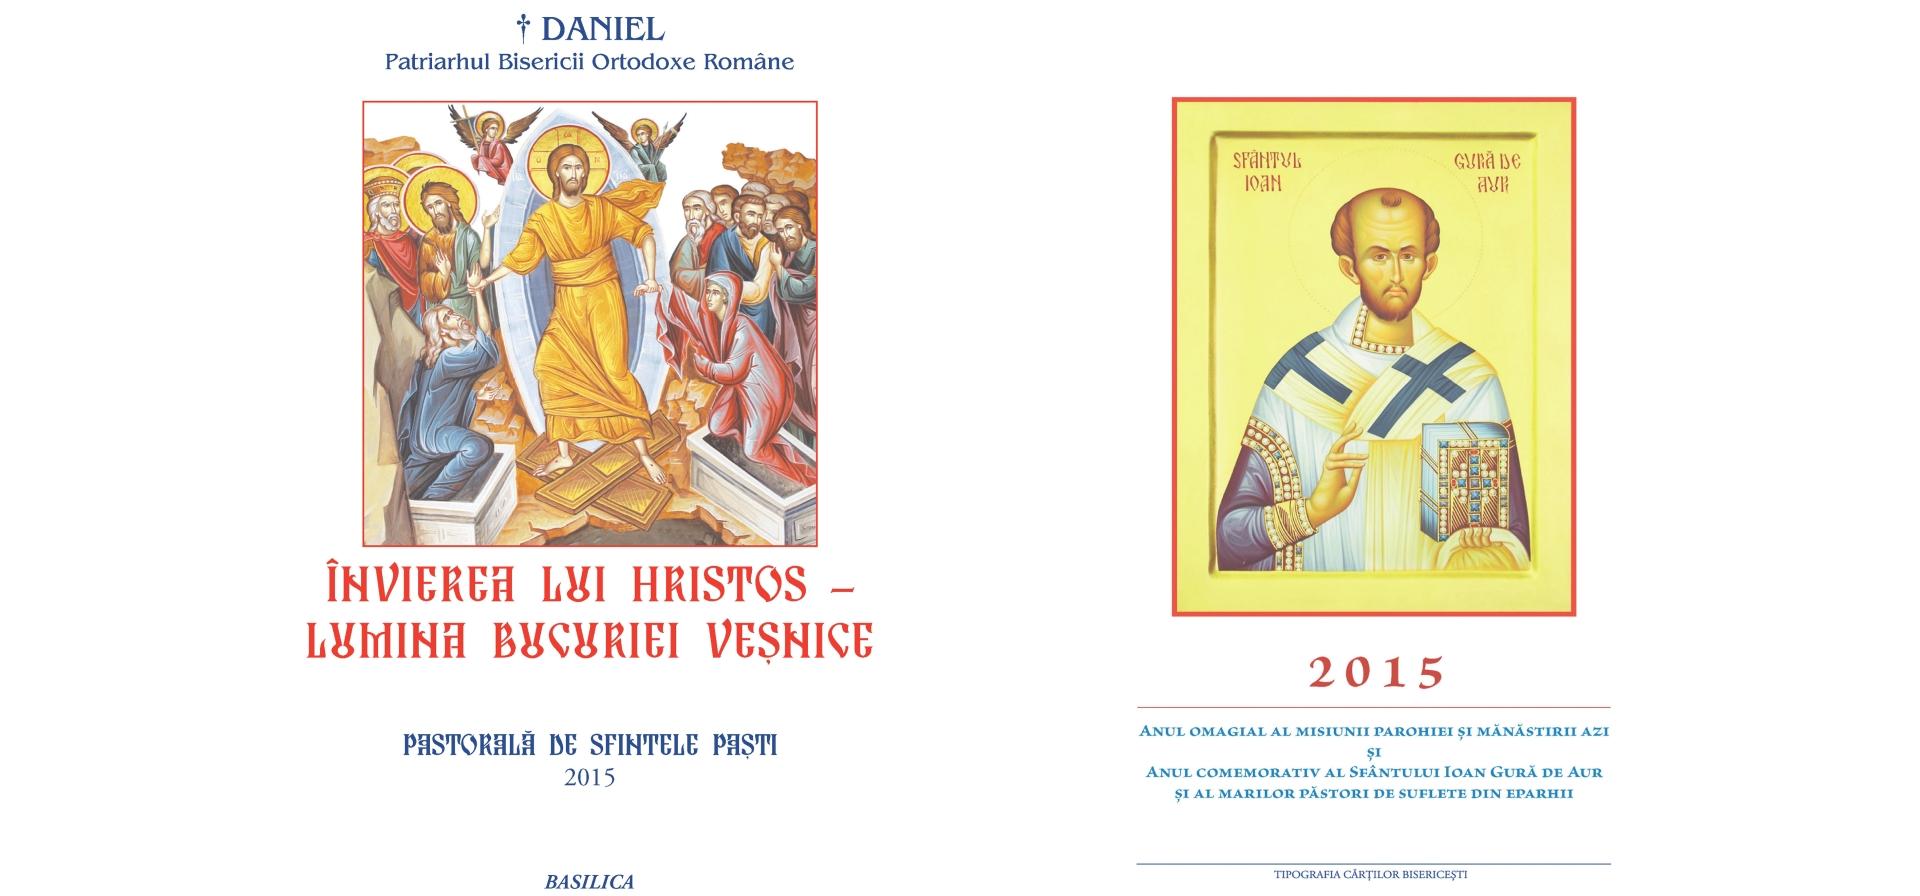 pastorala pascala patriarhala 2015